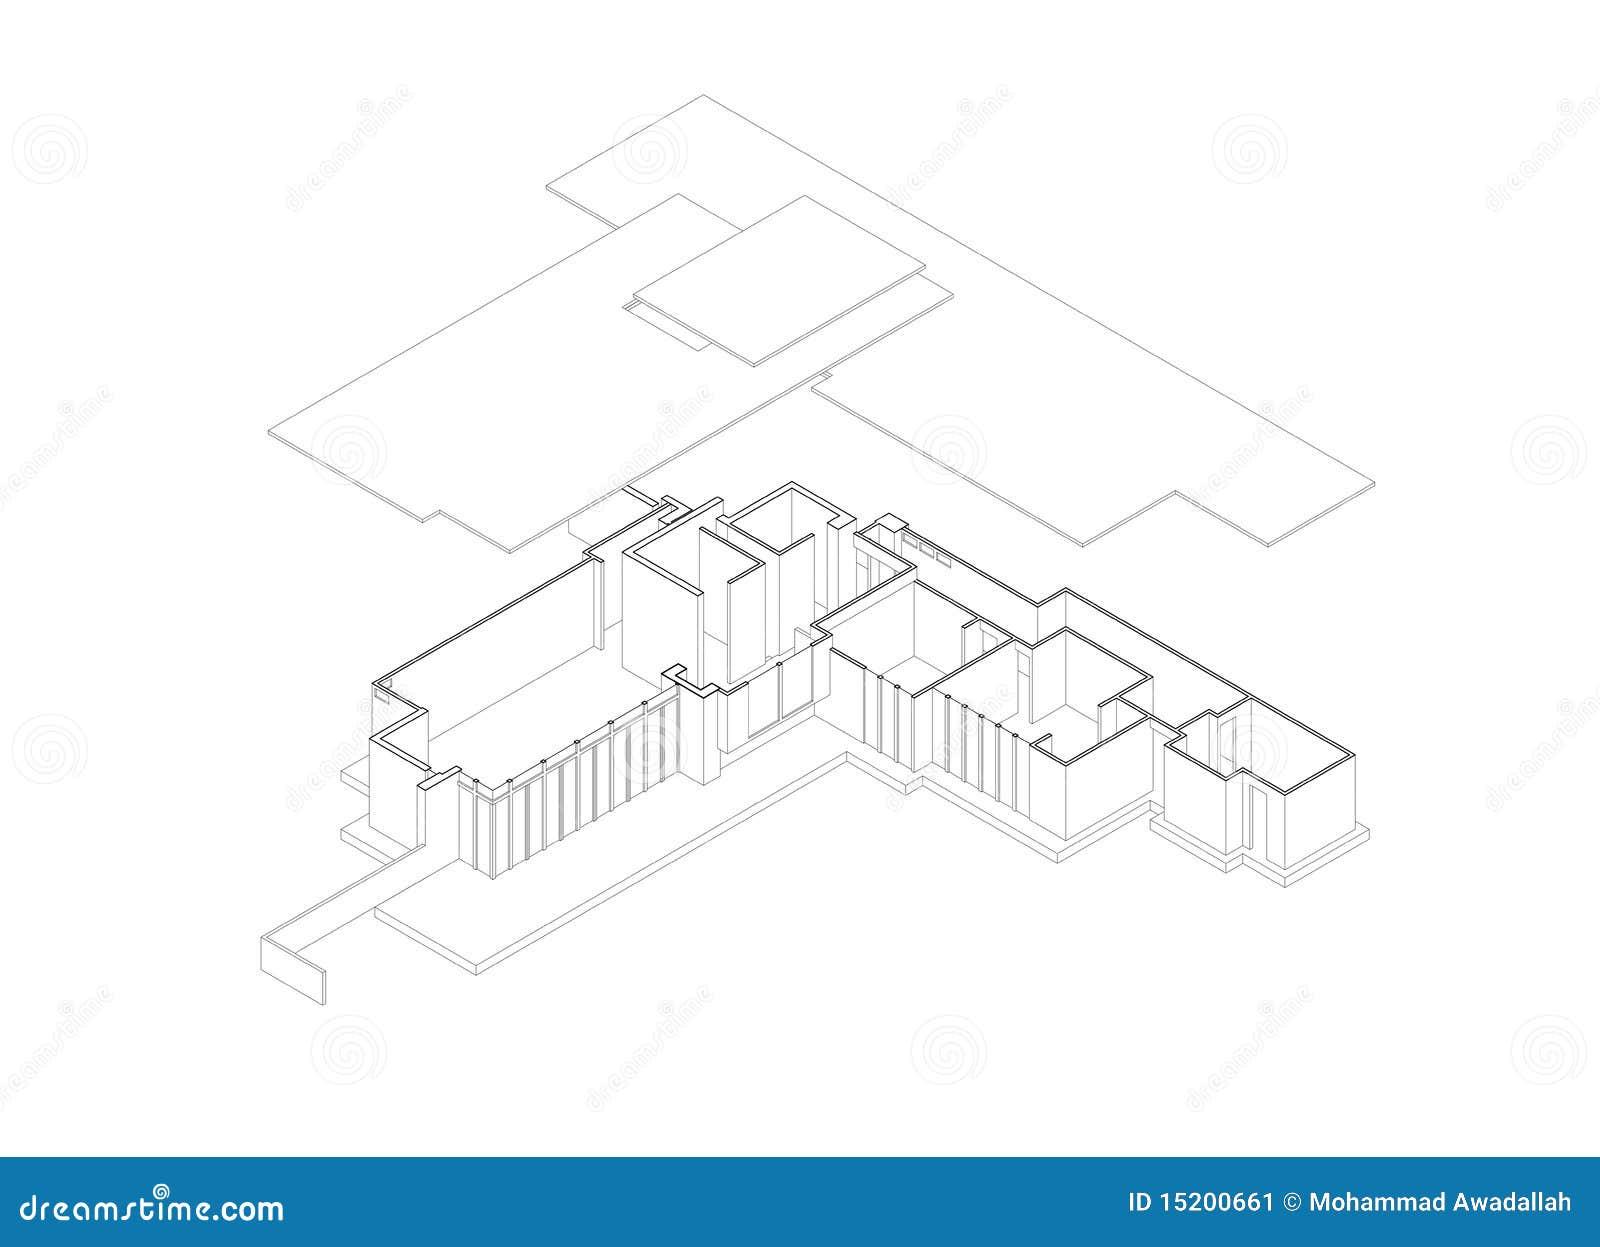 Huis Van Jacobs Explodeerde Isometrische Tekening Vector